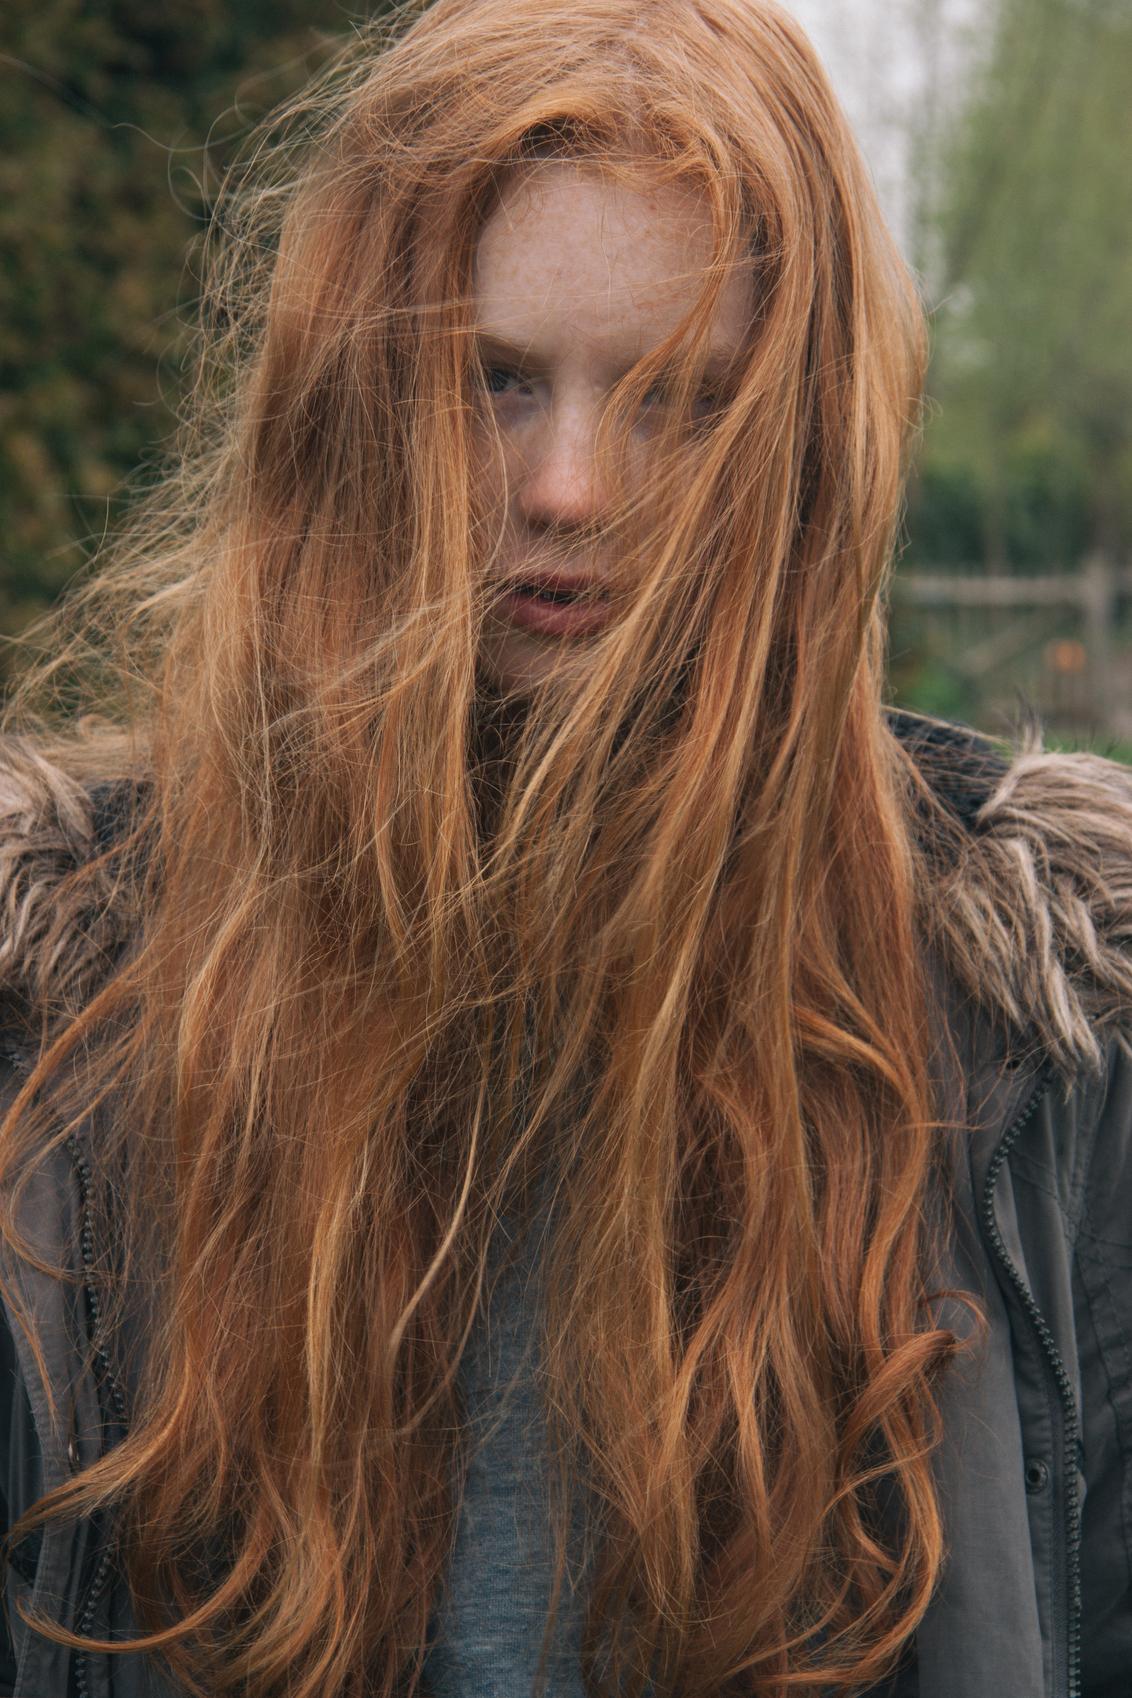 Ginger - - - foto door fienvisser op 31-01-2016 - deze foto bevat: portret, model, haar, ginger